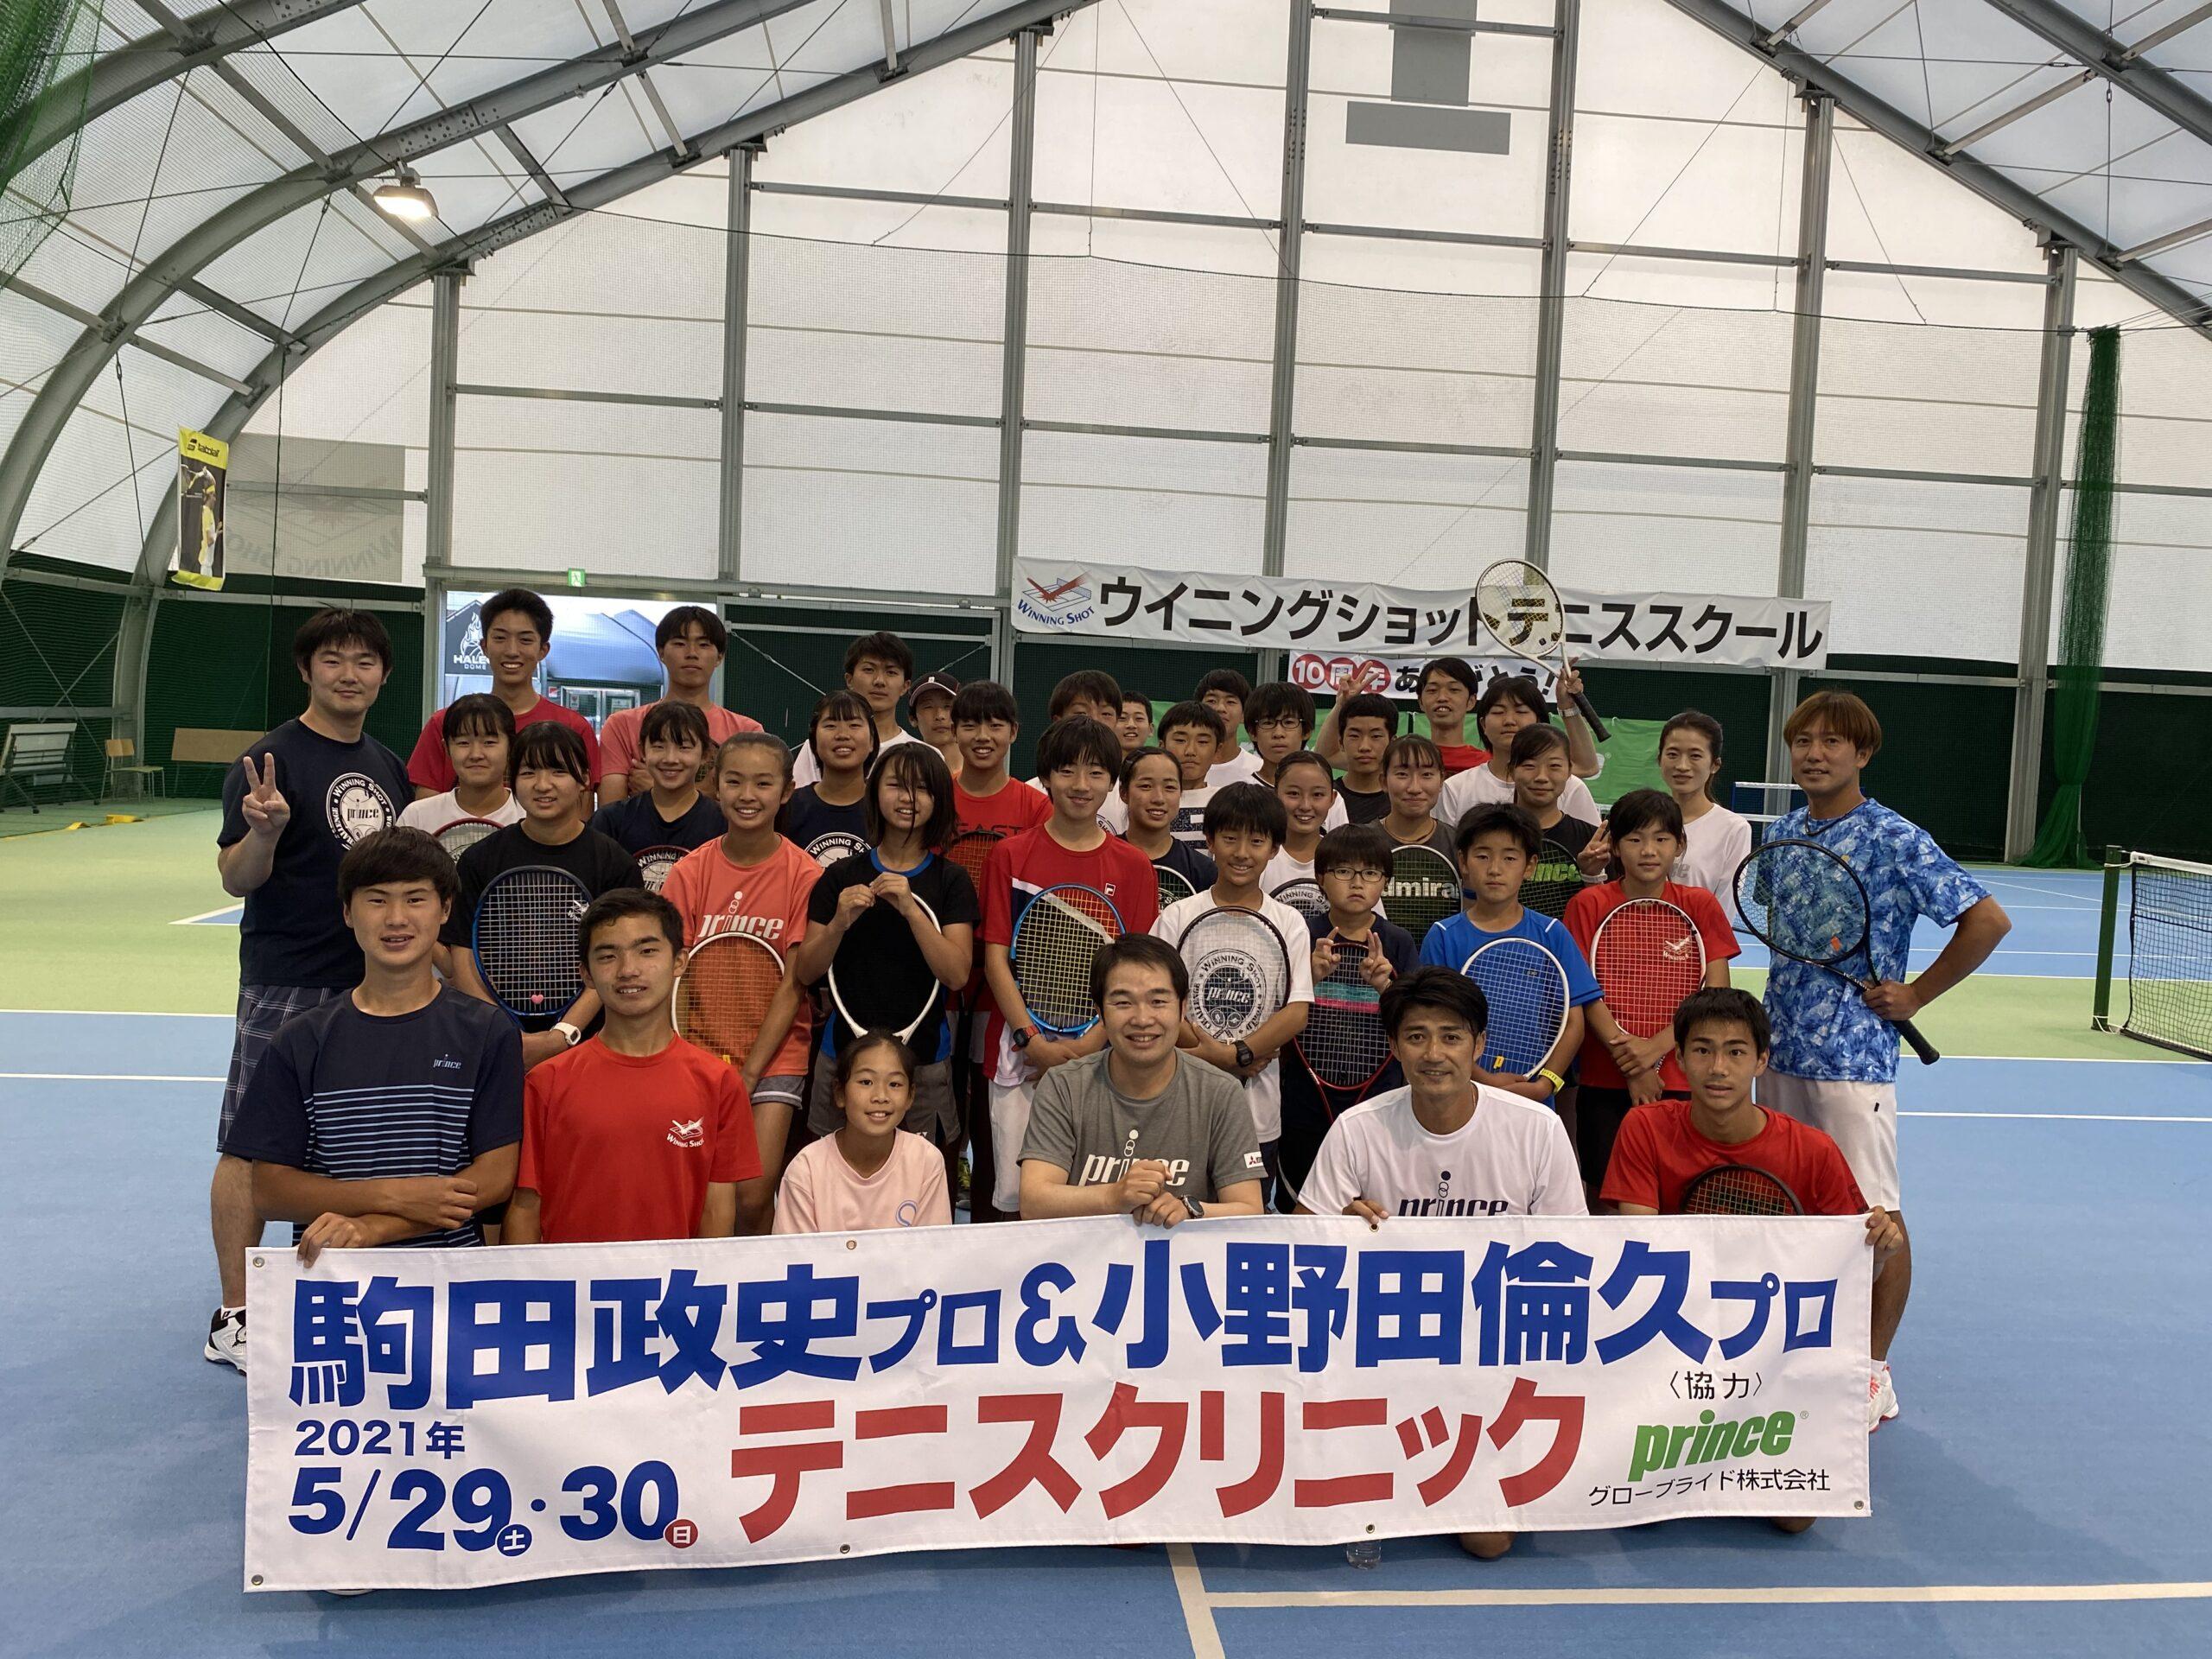 数多くのトッププロの指導をされている駒田プロのレッスン&ひとり一人小野田プロとヒッティングしてもらいました!